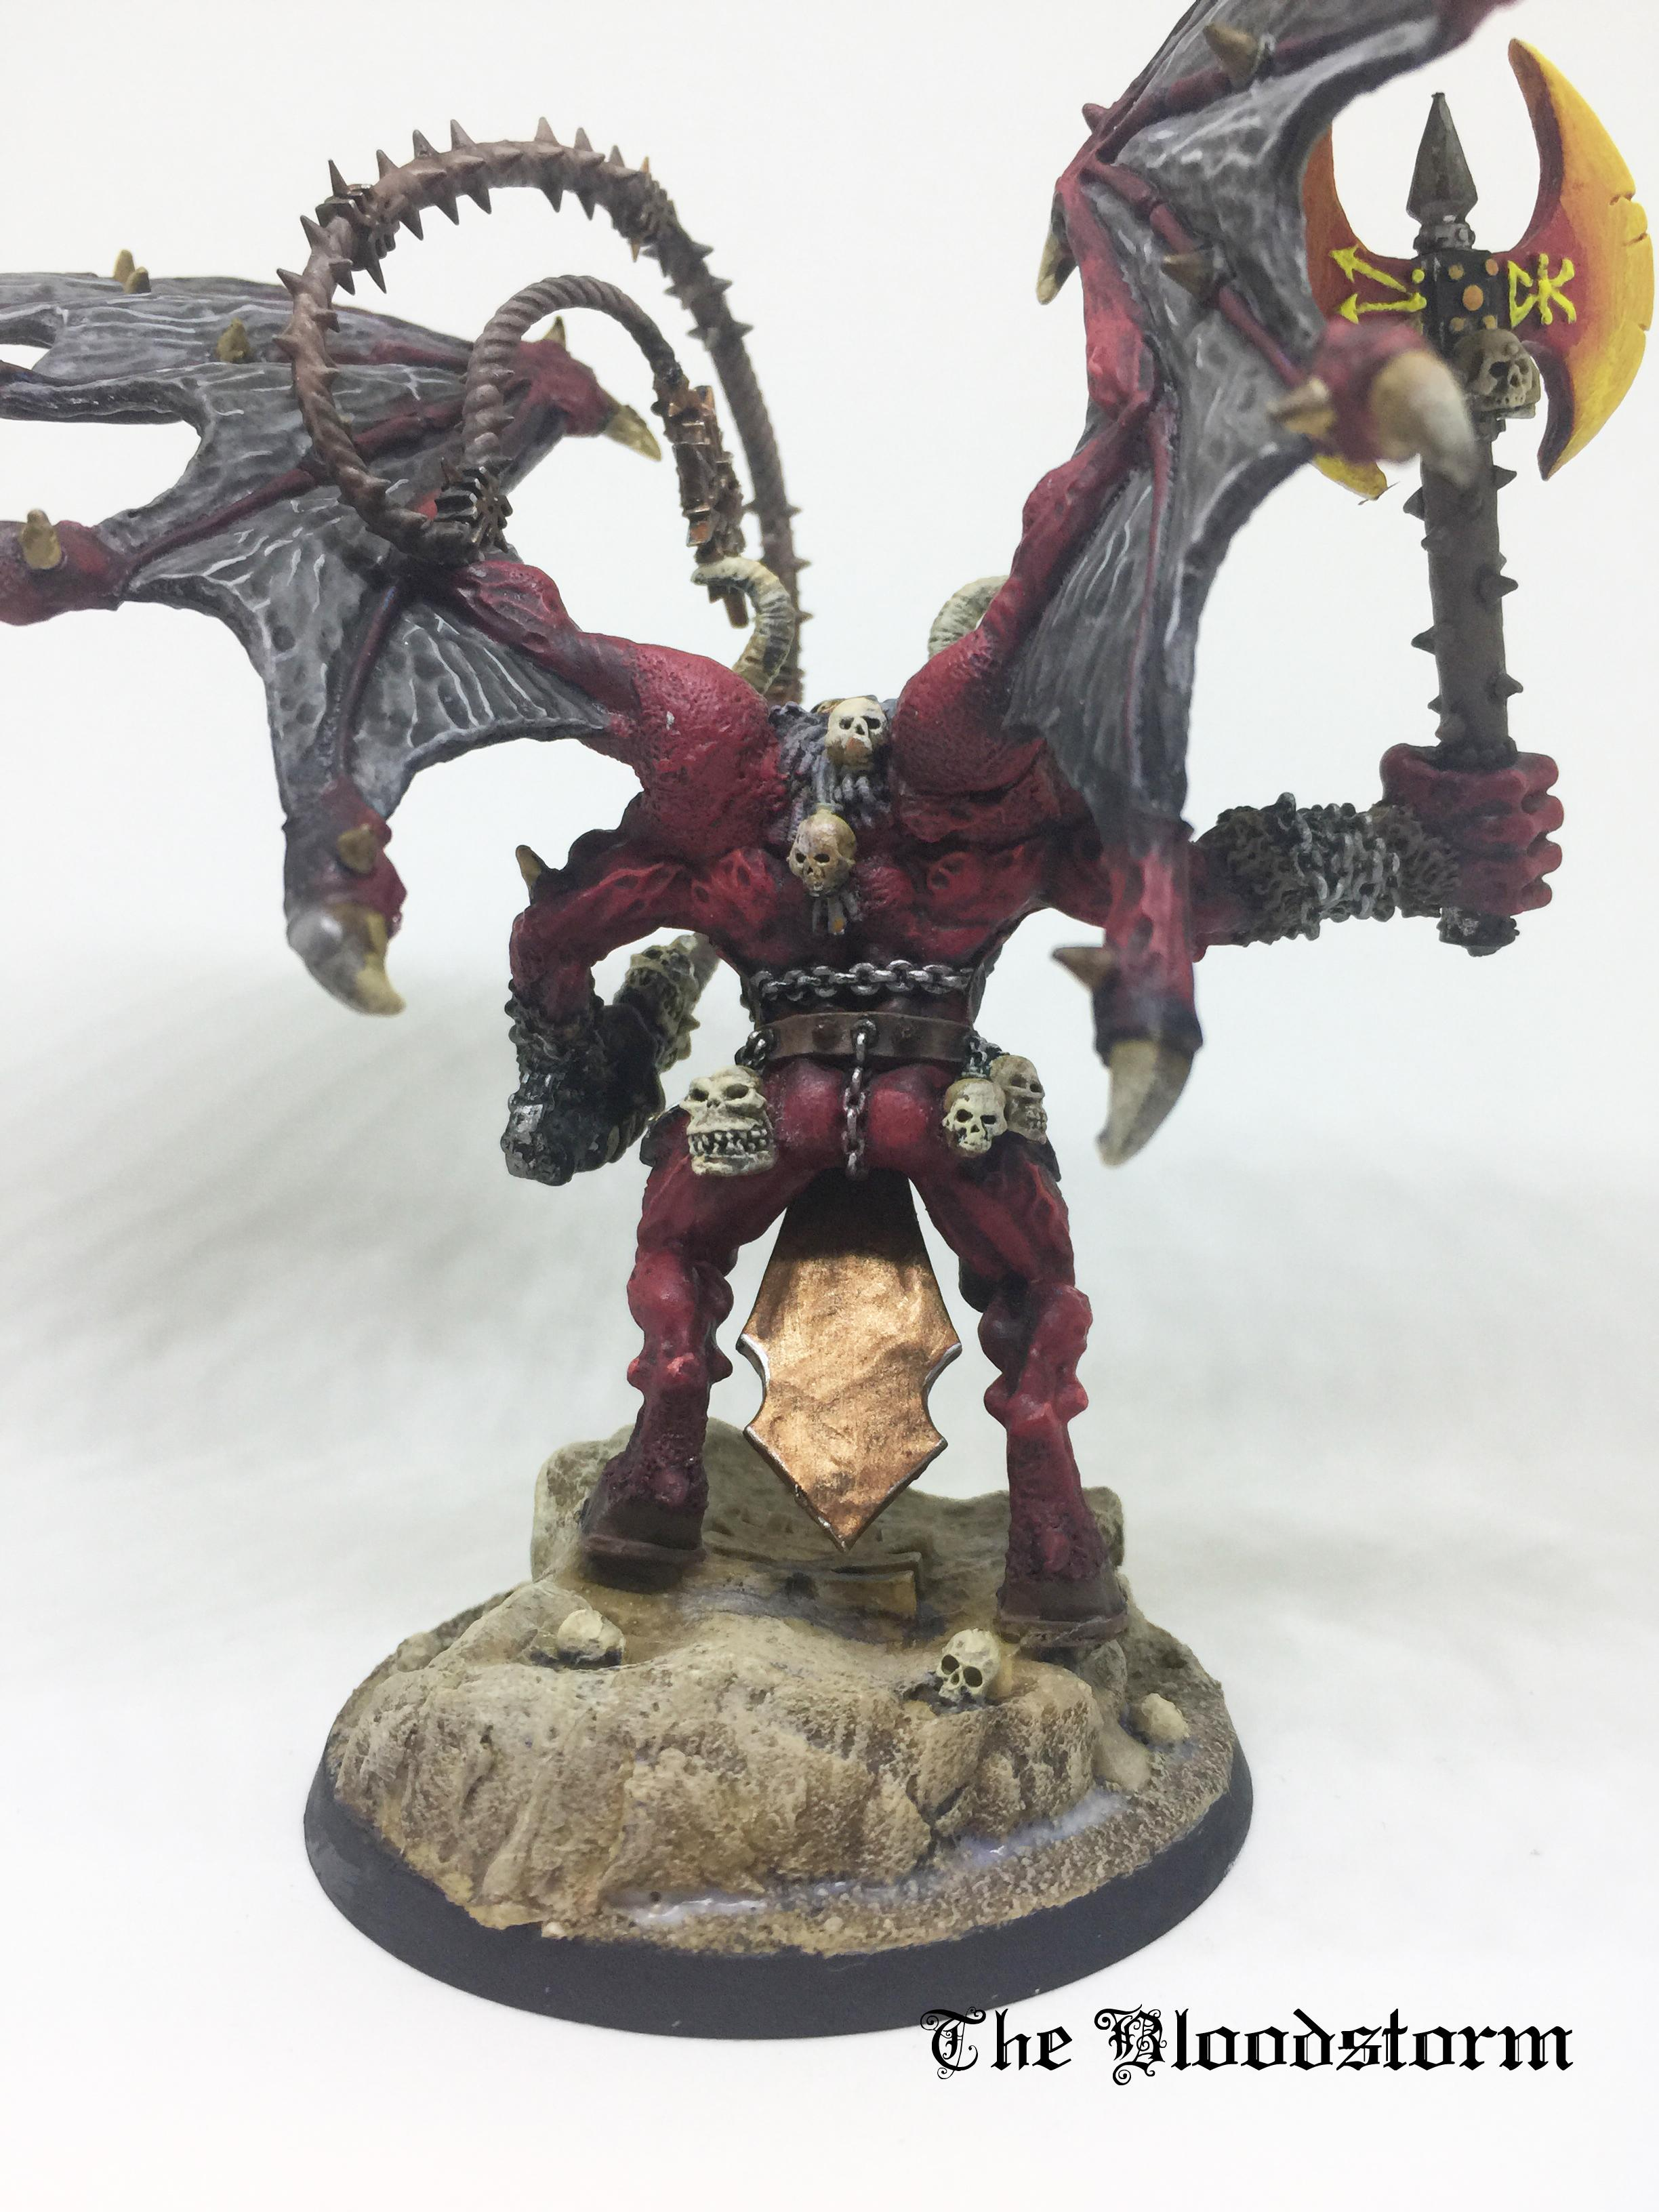 Age Of Sigmar, Axe Of Khorne, Bloodthirster, Chaos Daemons, Demonkin, Greater Daemon, Khorne, Unfettered Fury, Warhammer 40,000